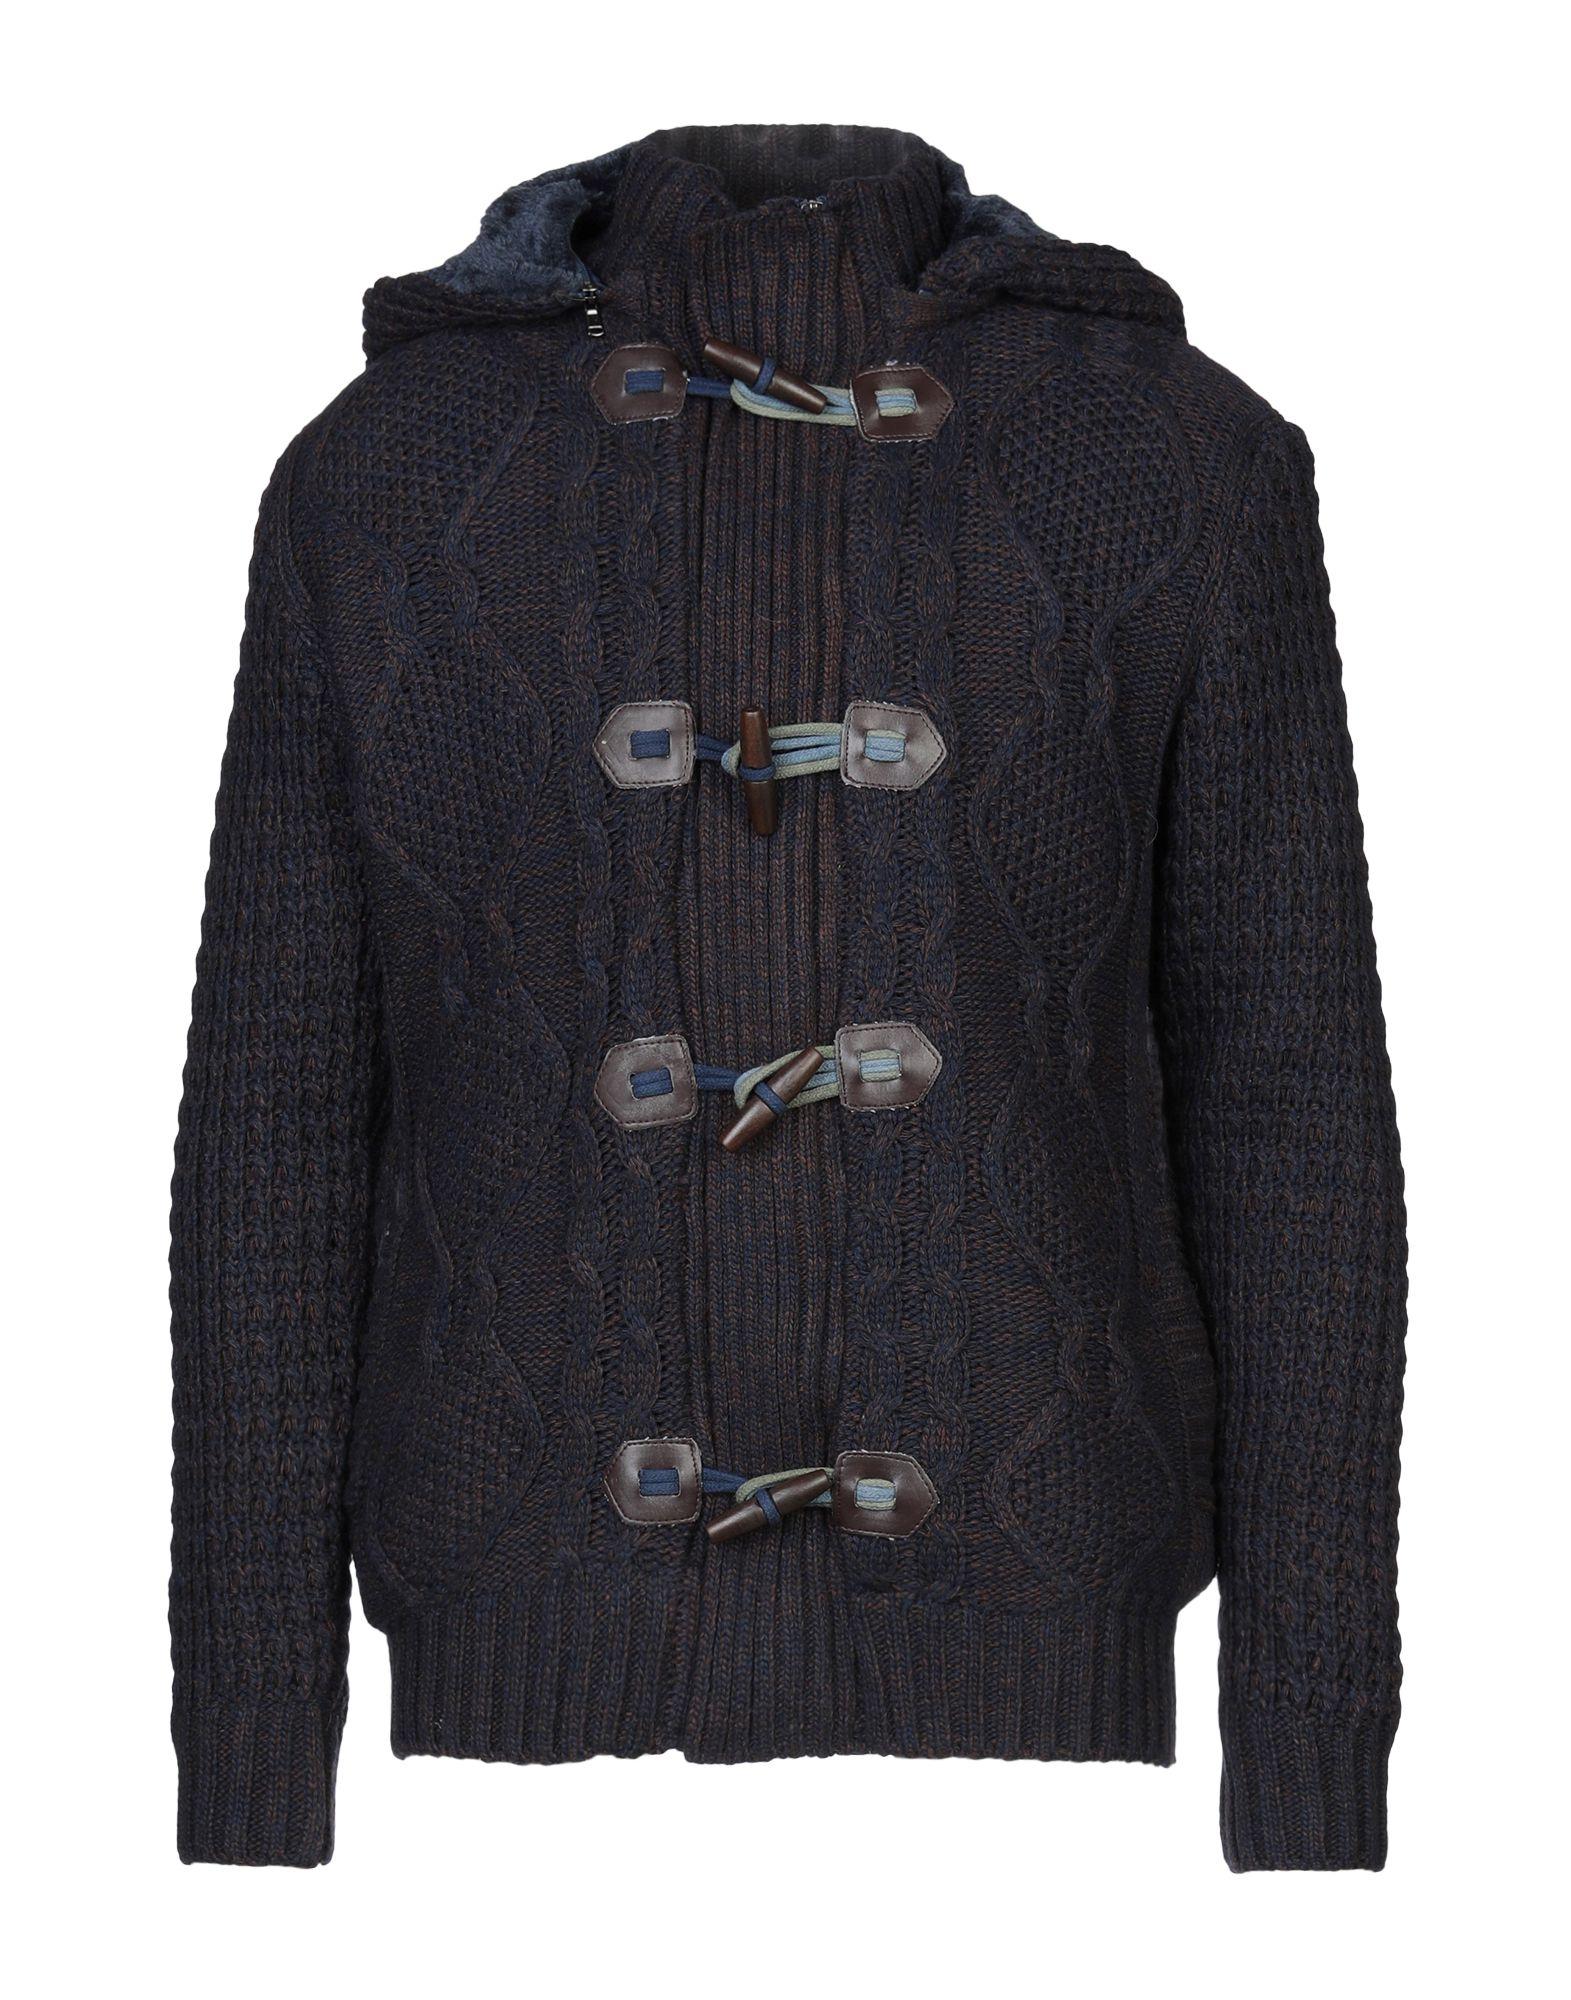 цены на TONY MORO Куртка в интернет-магазинах